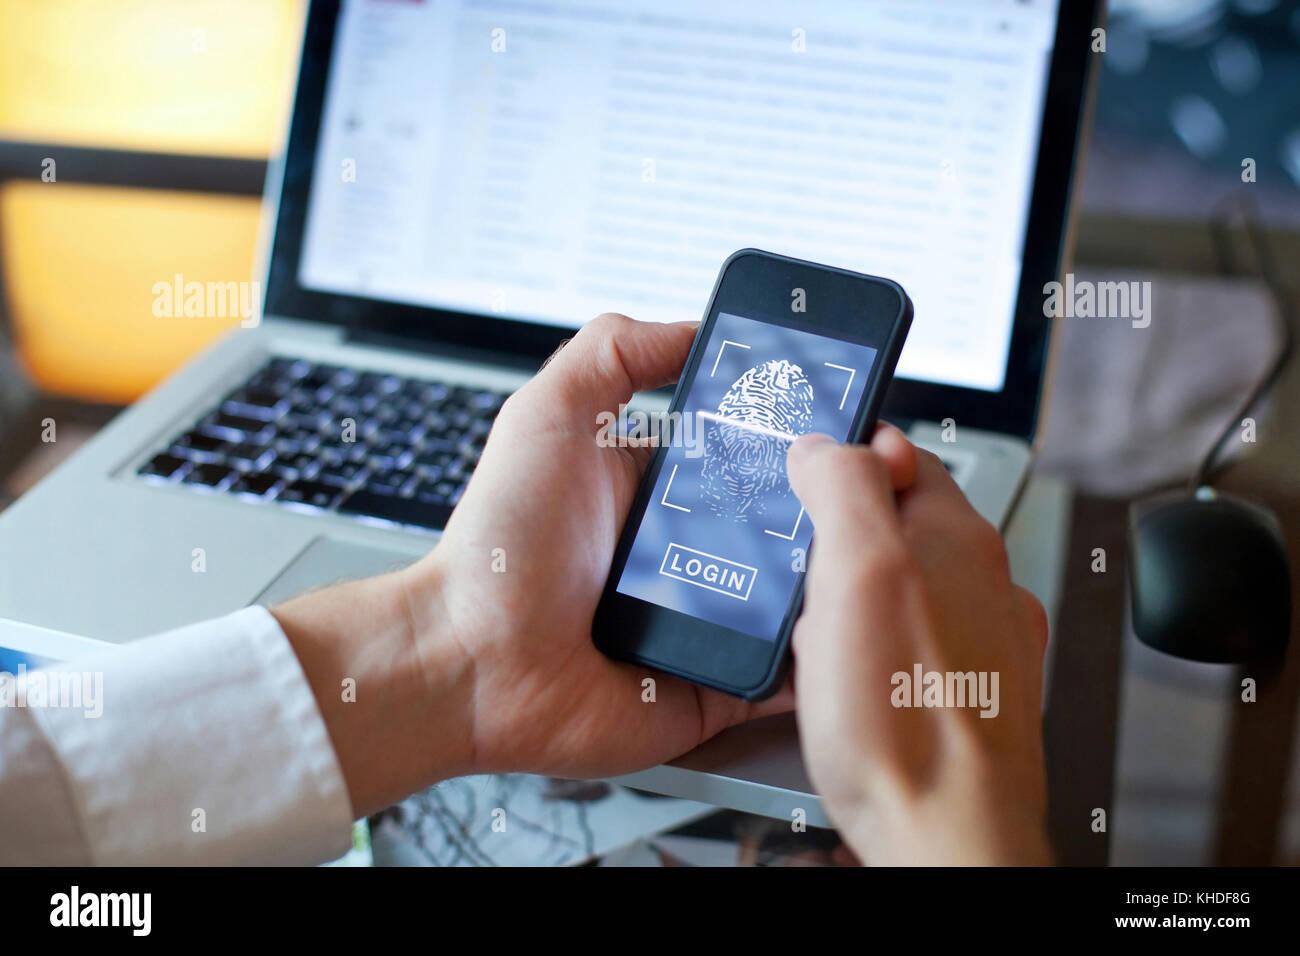 L'accès à la connexion d'empreintes digitales sur smartphone, la sécurité des données Photo Stock